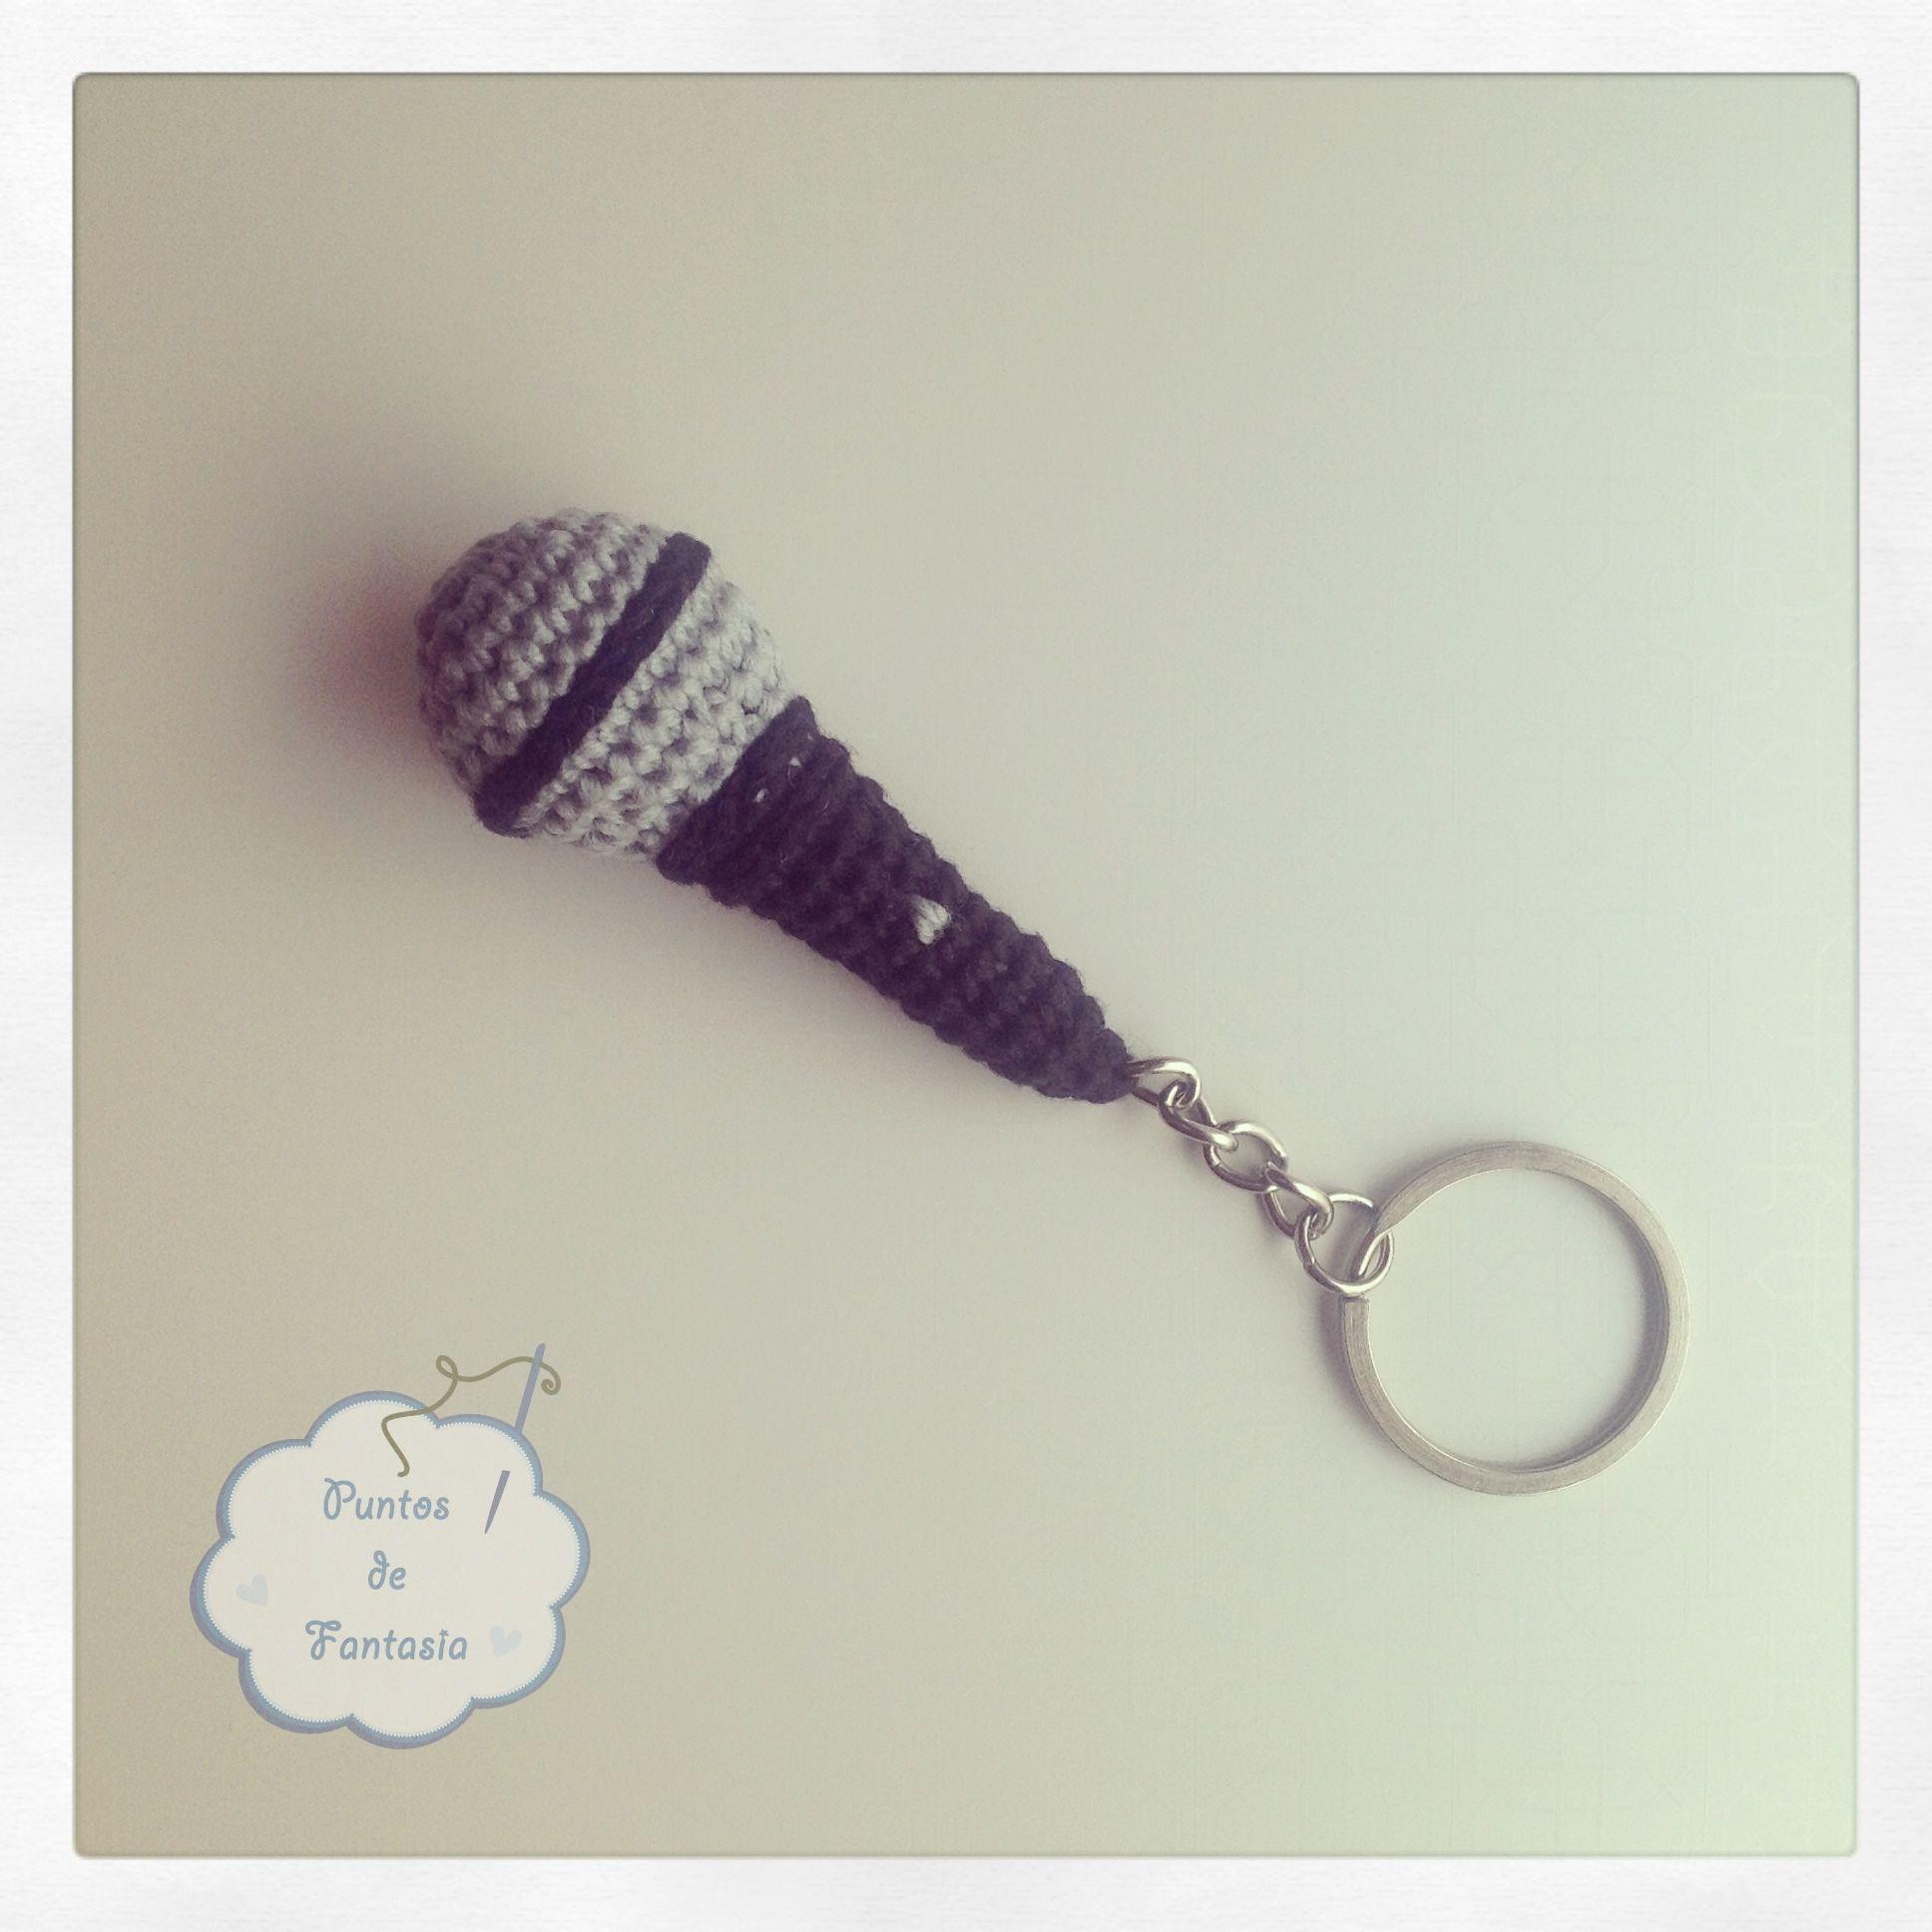 llavero de Micrófono / microphone keyring #amigurumi #keyring ...